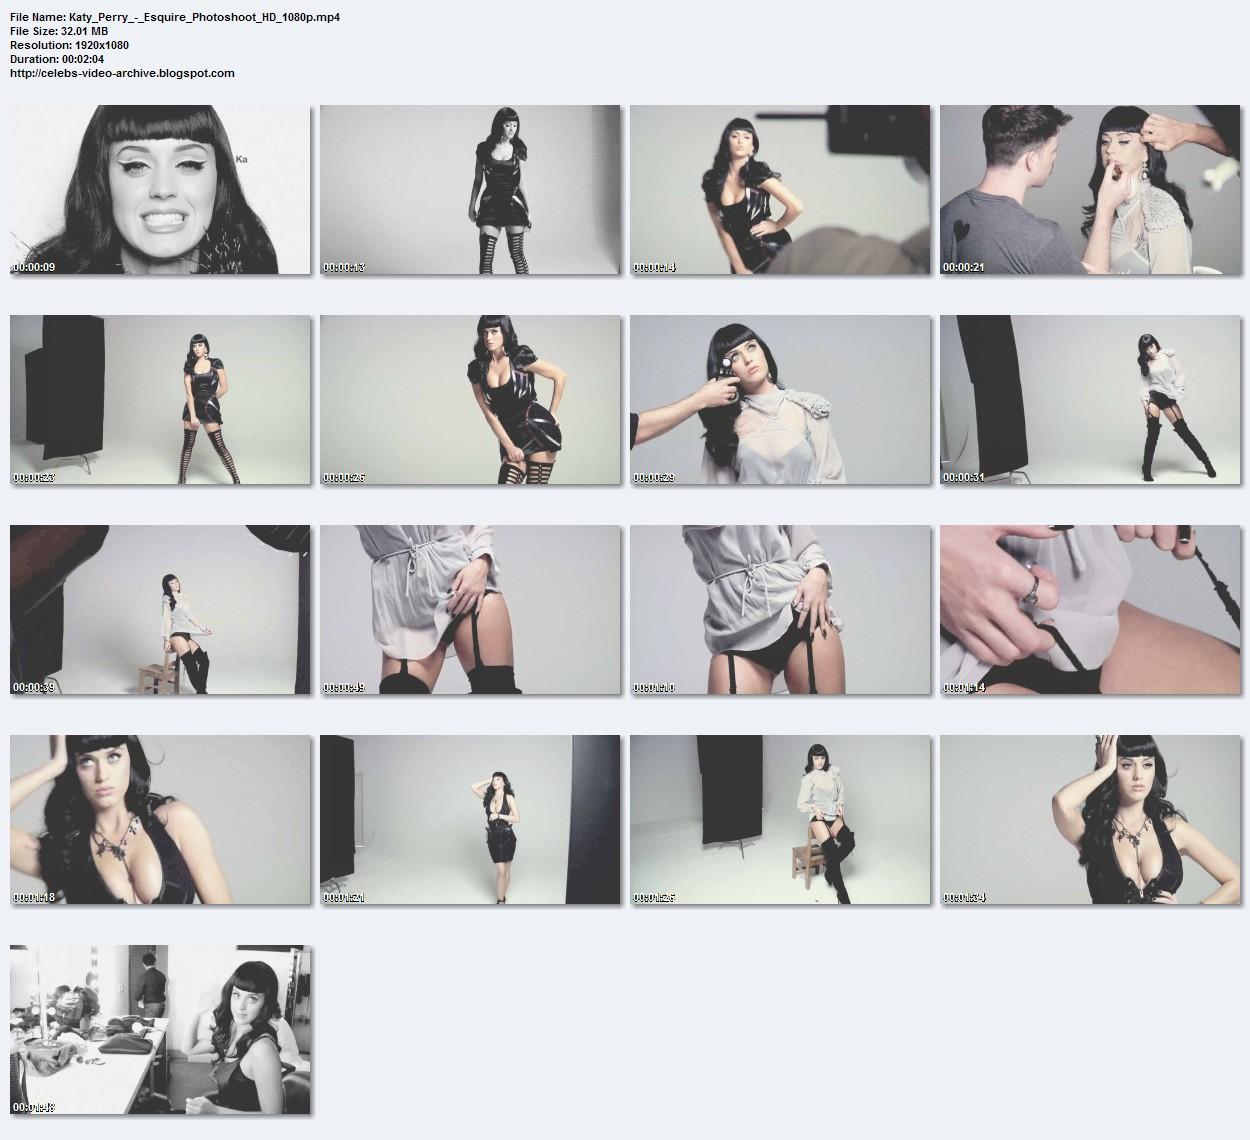 http://1.bp.blogspot.com/_XZtbXfzGwsI/TTYPU4e0cMI/AAAAAAAAAas/nMiGrj9SfjY/s1600/Katy_Perry_-_Esquire_Photoshoot_HD_1080p.jpg